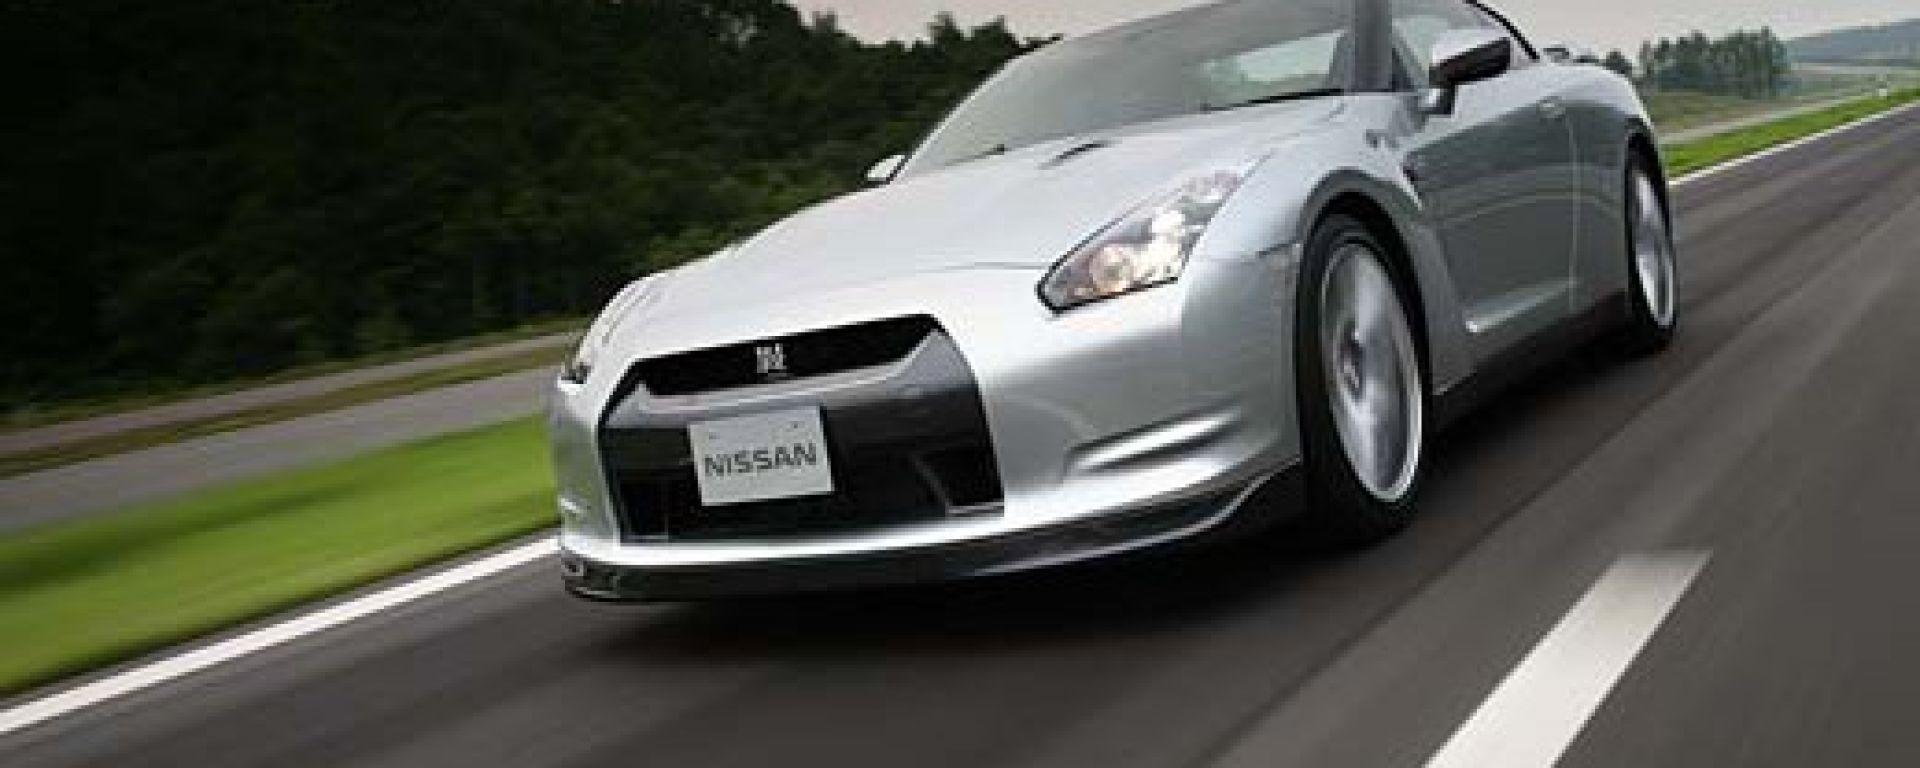 Nissan GT-R 2009 in dettaglio